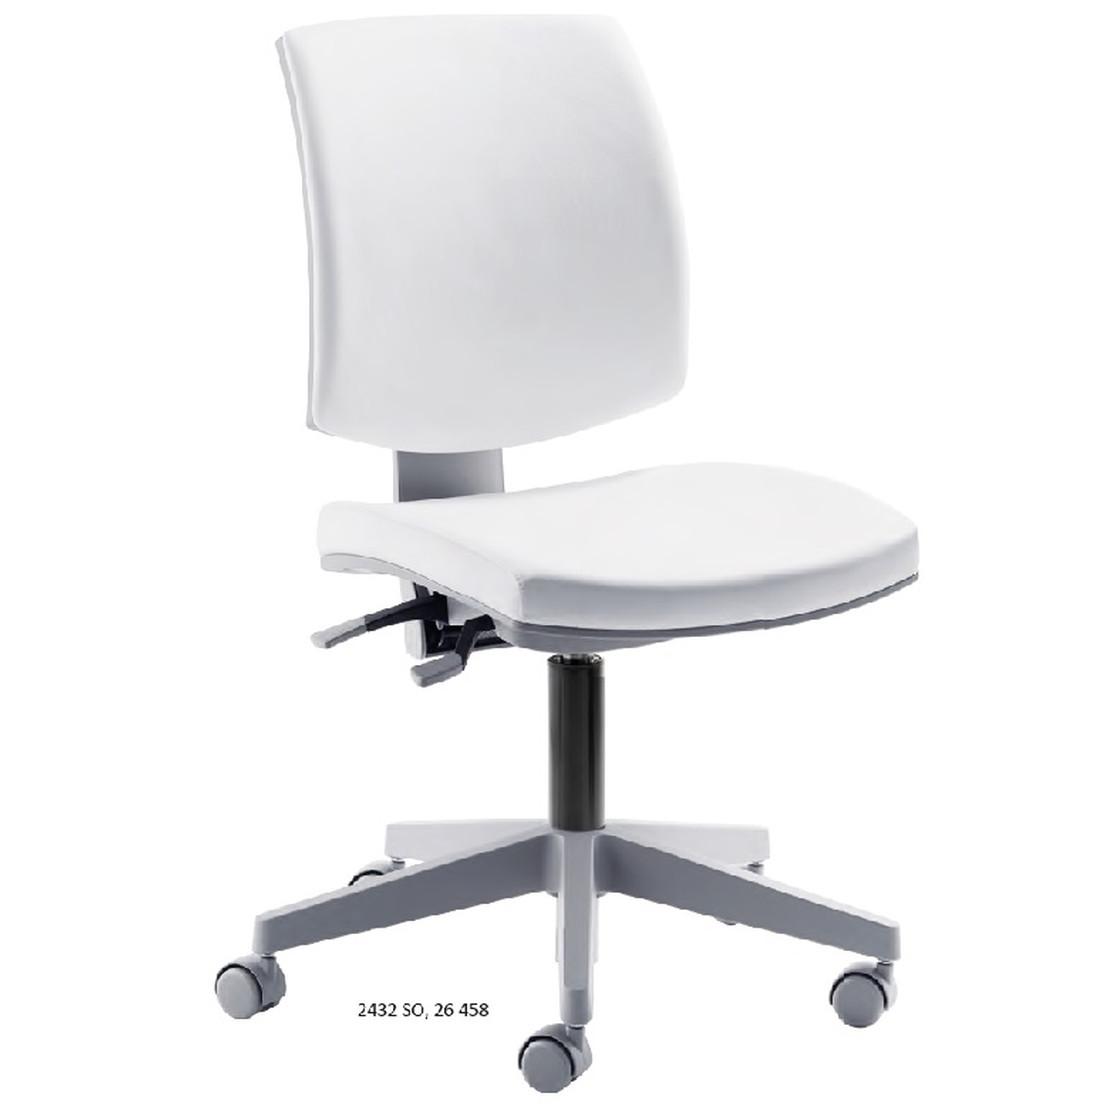 Arbeitsdrehstuhl »my Quizz« Sitzhöhe 44-54 cm weiß, mayer Sitzmöbel